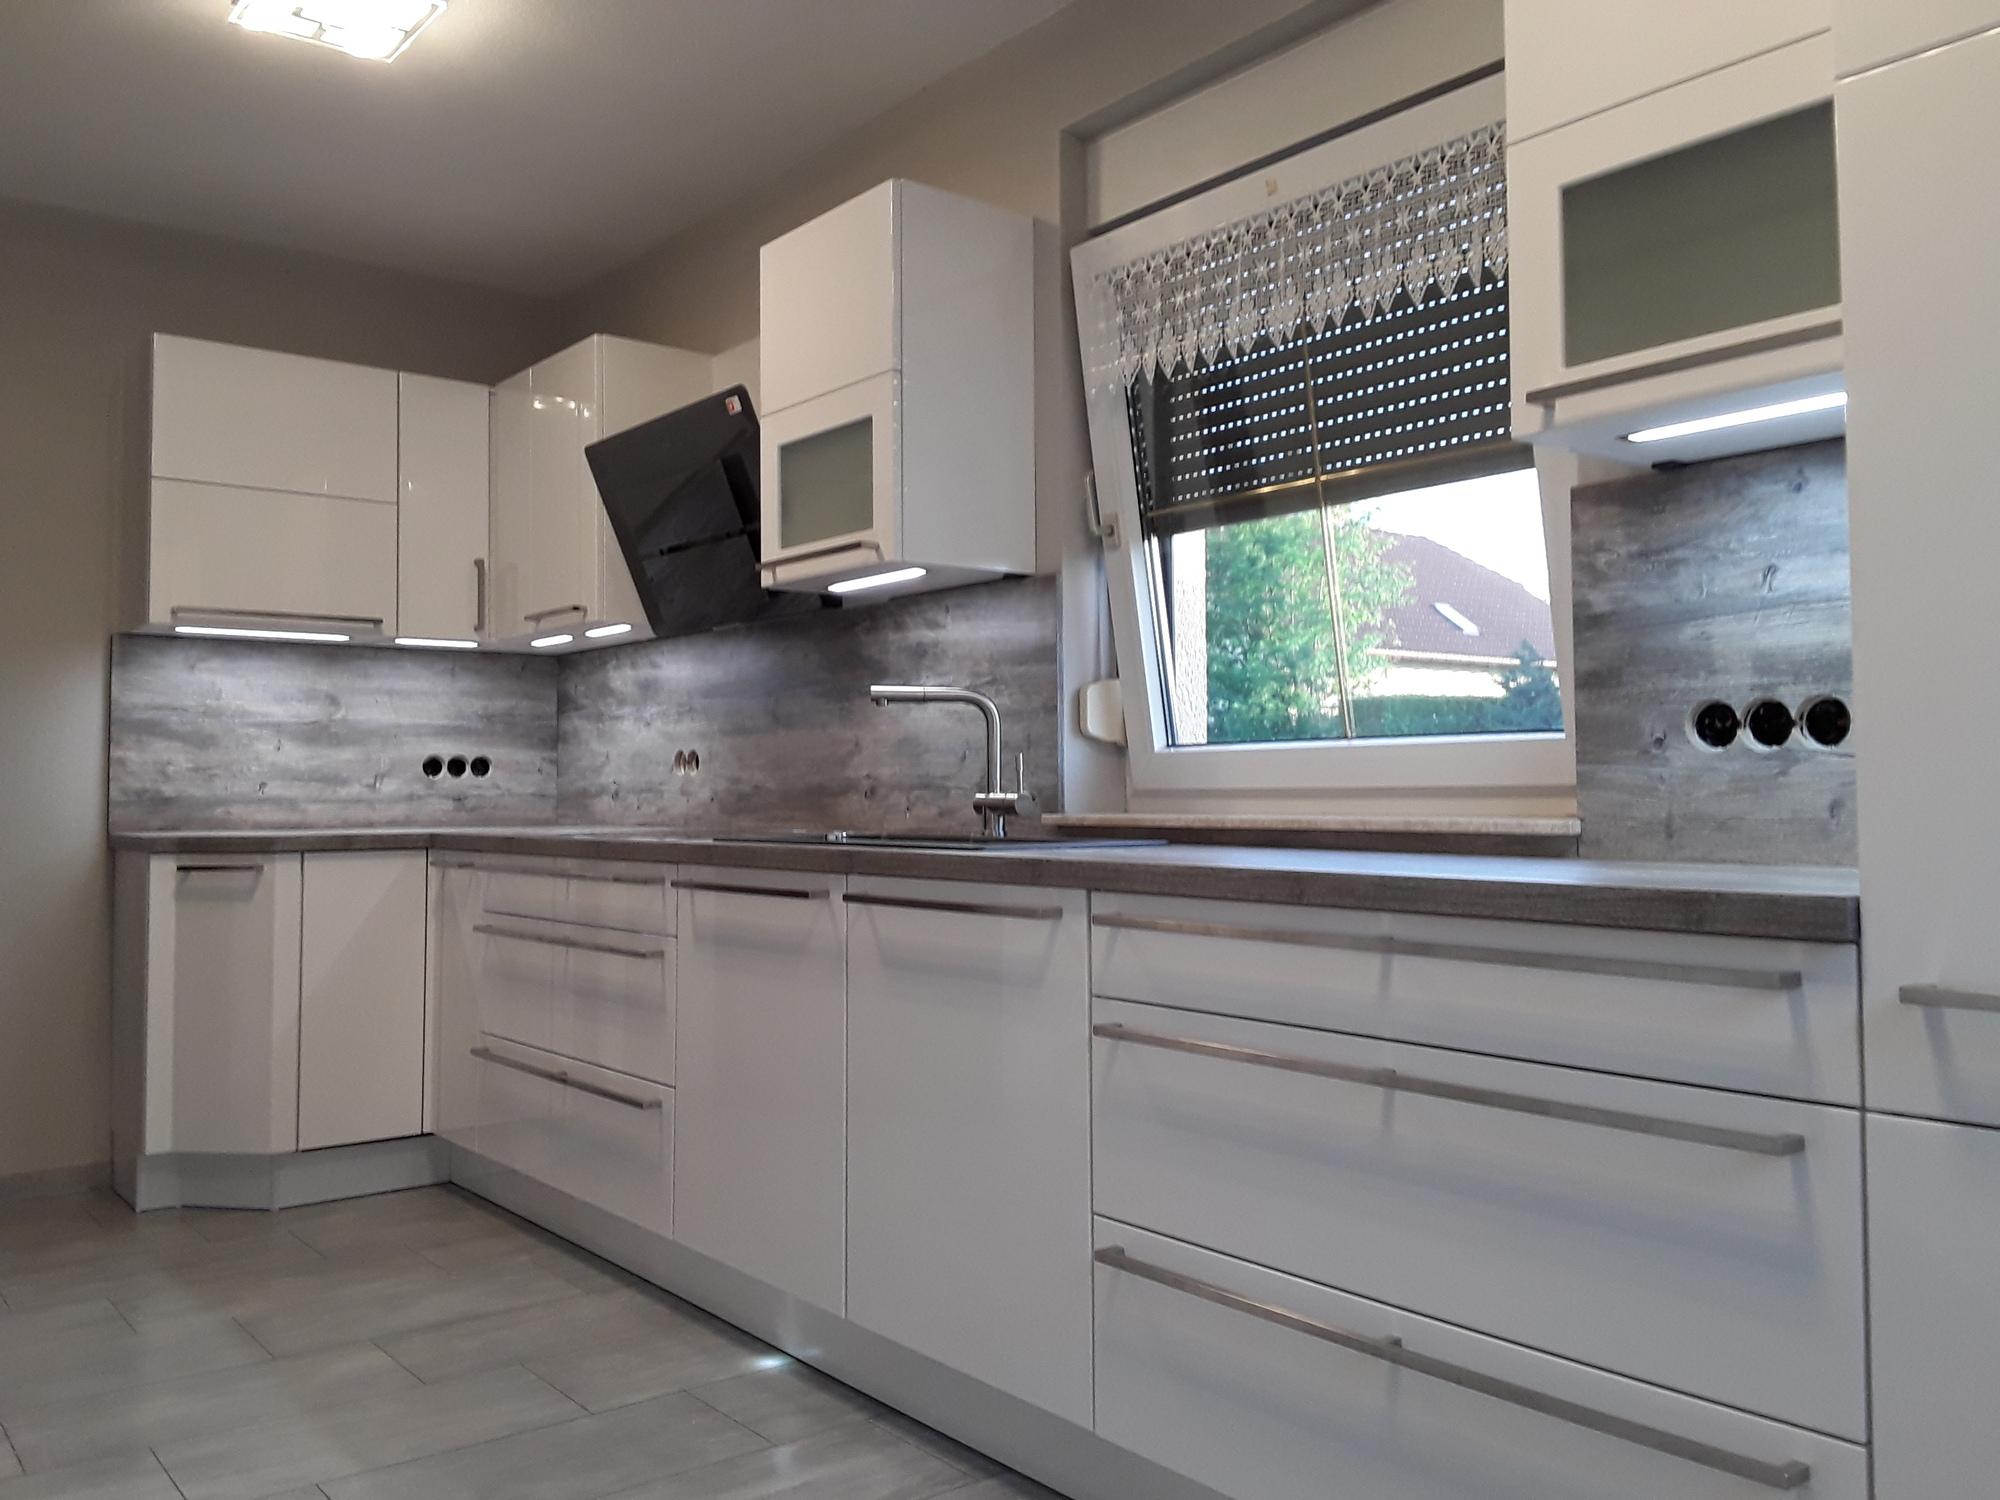 Moderne Einbauküchen moderne einbauküche für einfamilienhaus gutsmann küchen